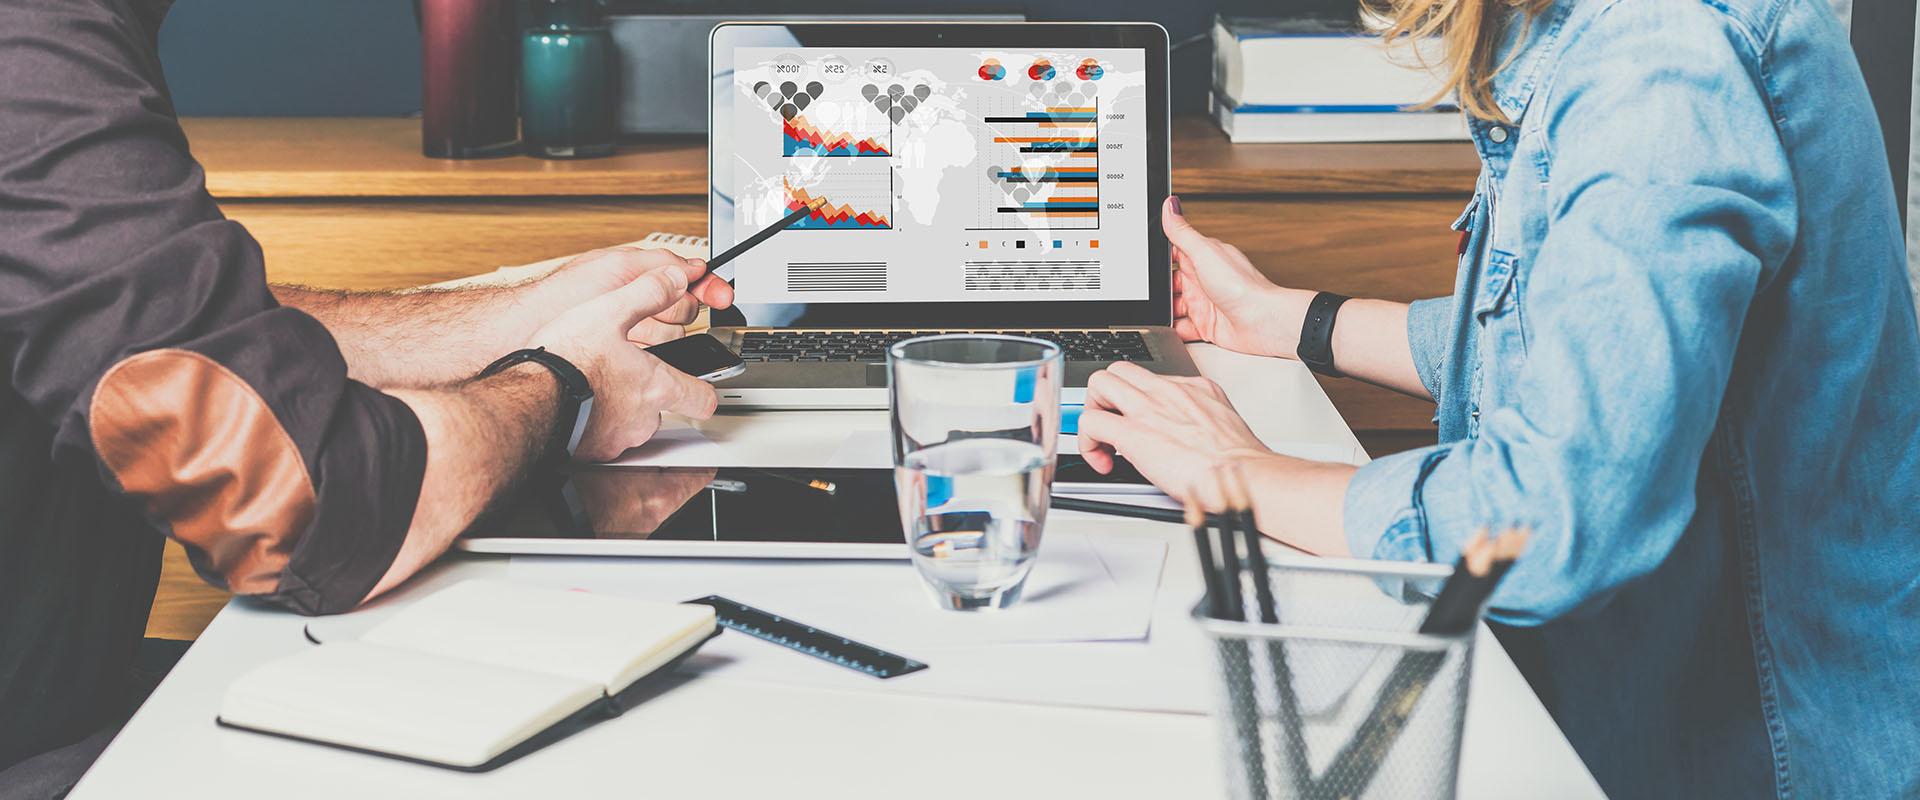 Aumentar su presupuesto de marketing digital no es tarea dificil